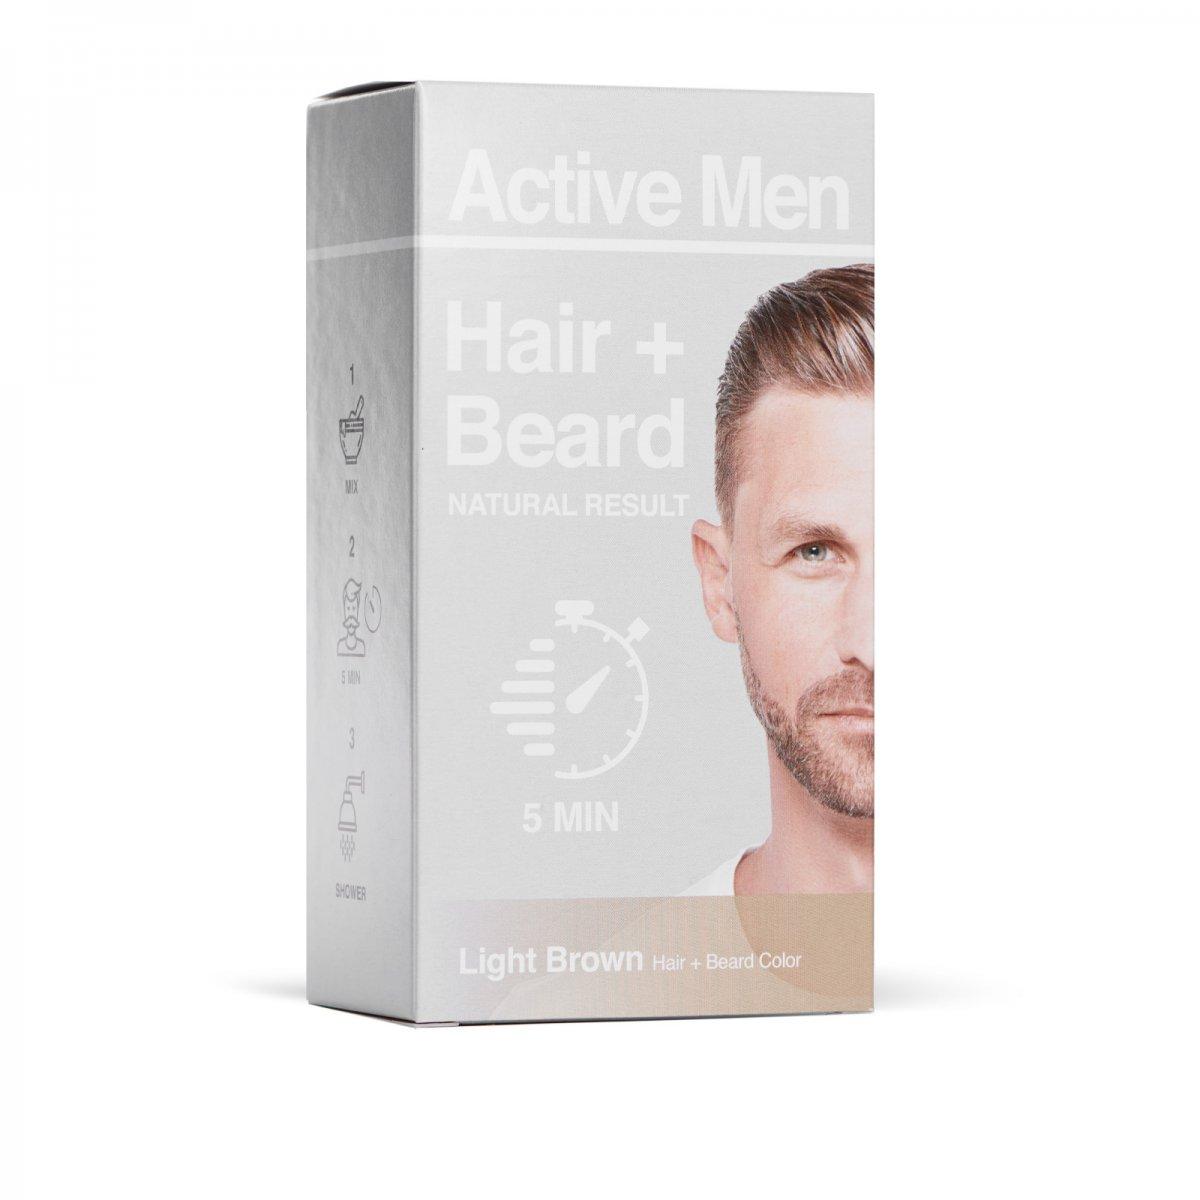 Active Men - Skägg- och Hårfärg - Ljusbrun